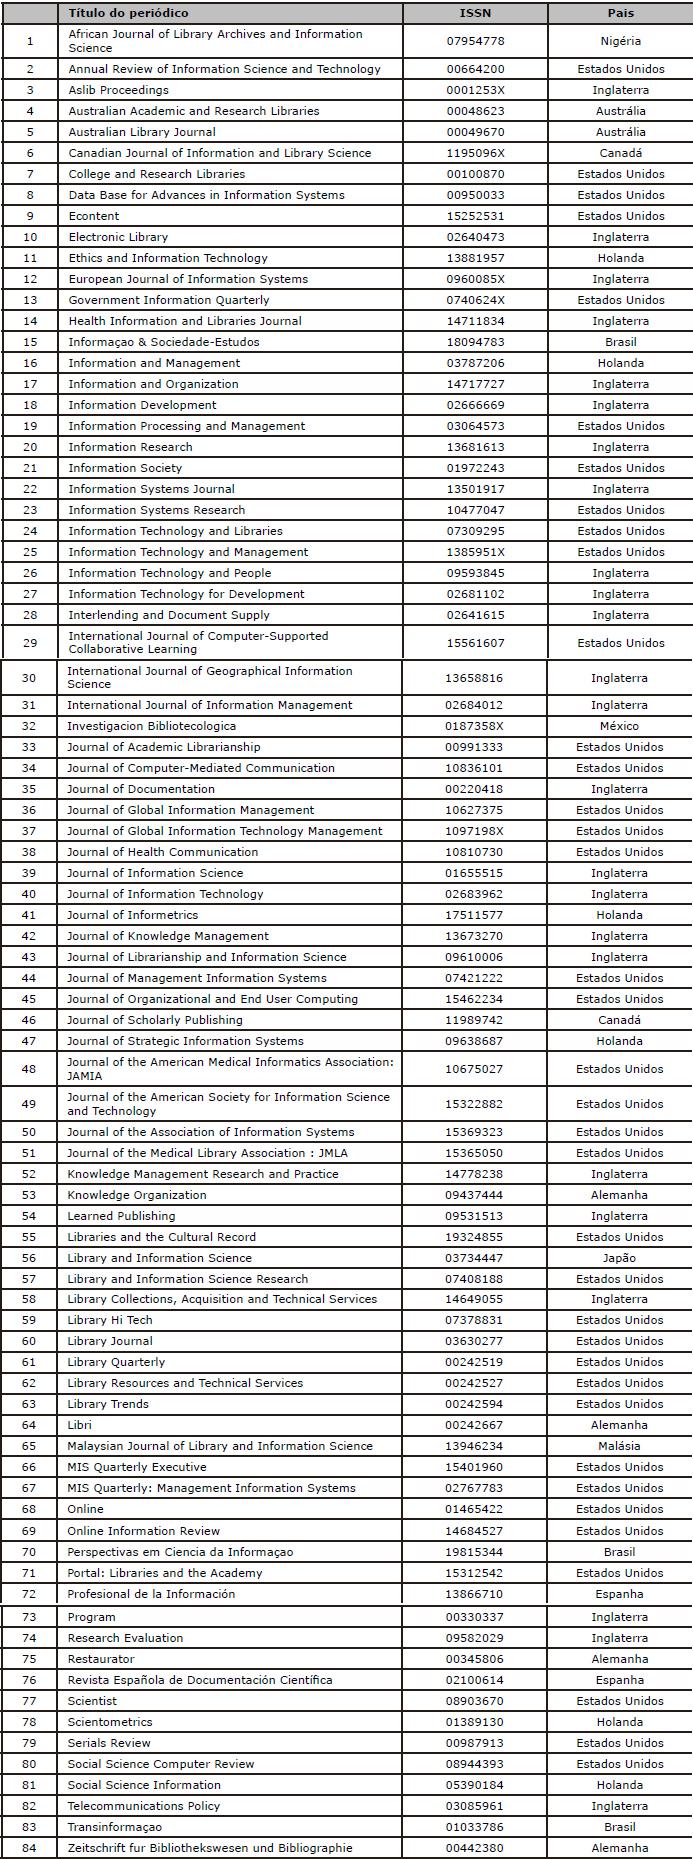 APÊNDICE - Lista dos periódicos que compõem o universo da pesquisa